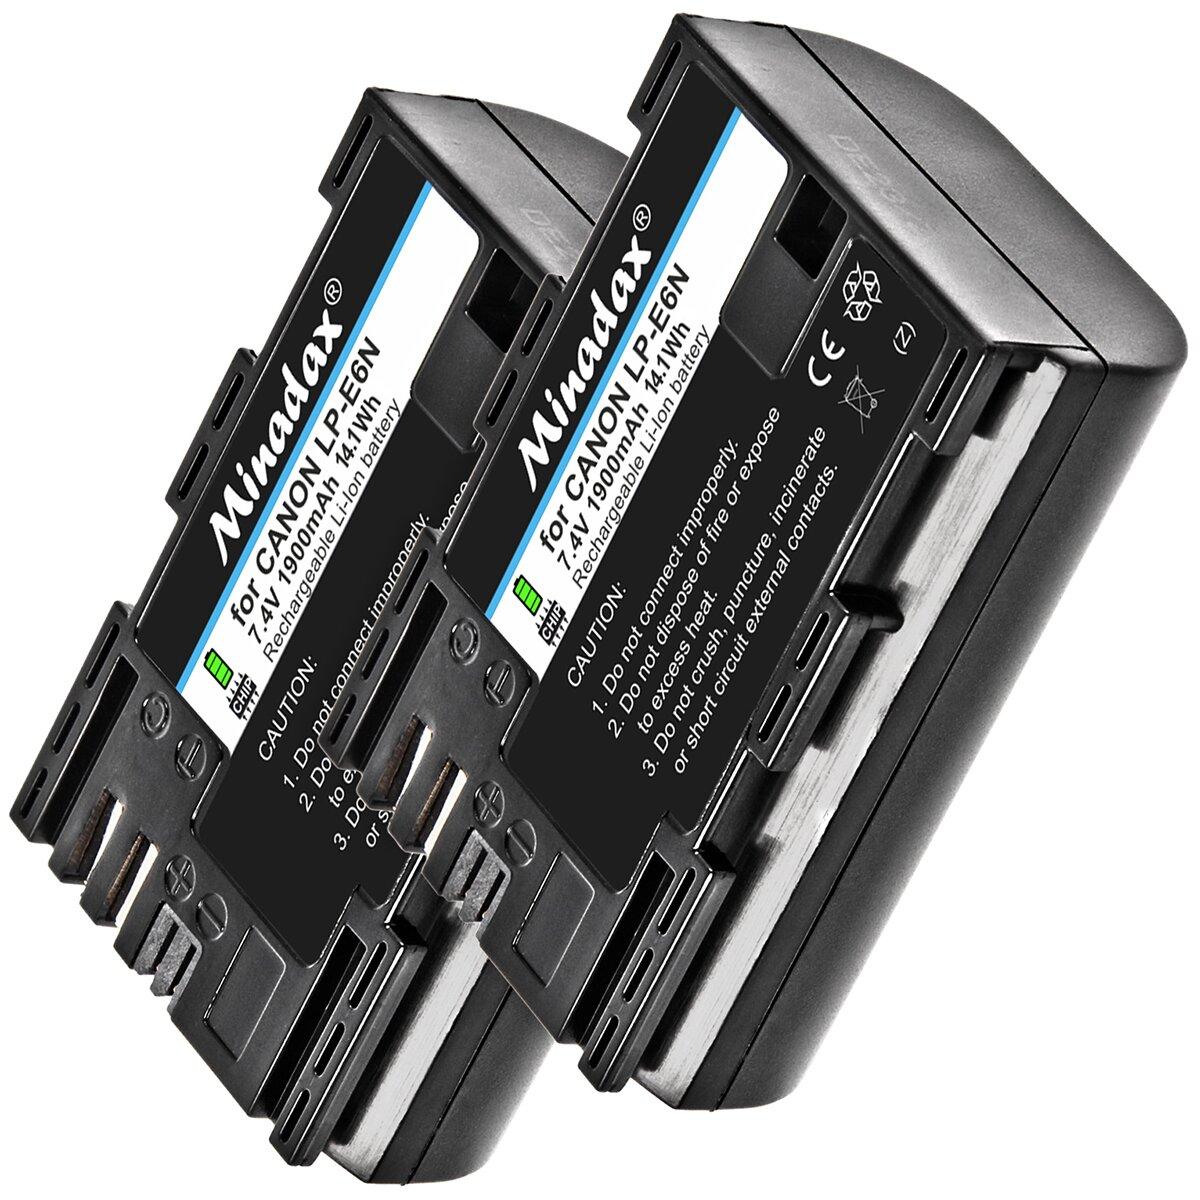 2x Minadax® Qualitätsakkus mit echten 1900 mAh für Canon EOS 6D Mark II 80D 7D Mark II, ersetzt LP-E6N - Intelligentes Akkusystem mit Chip